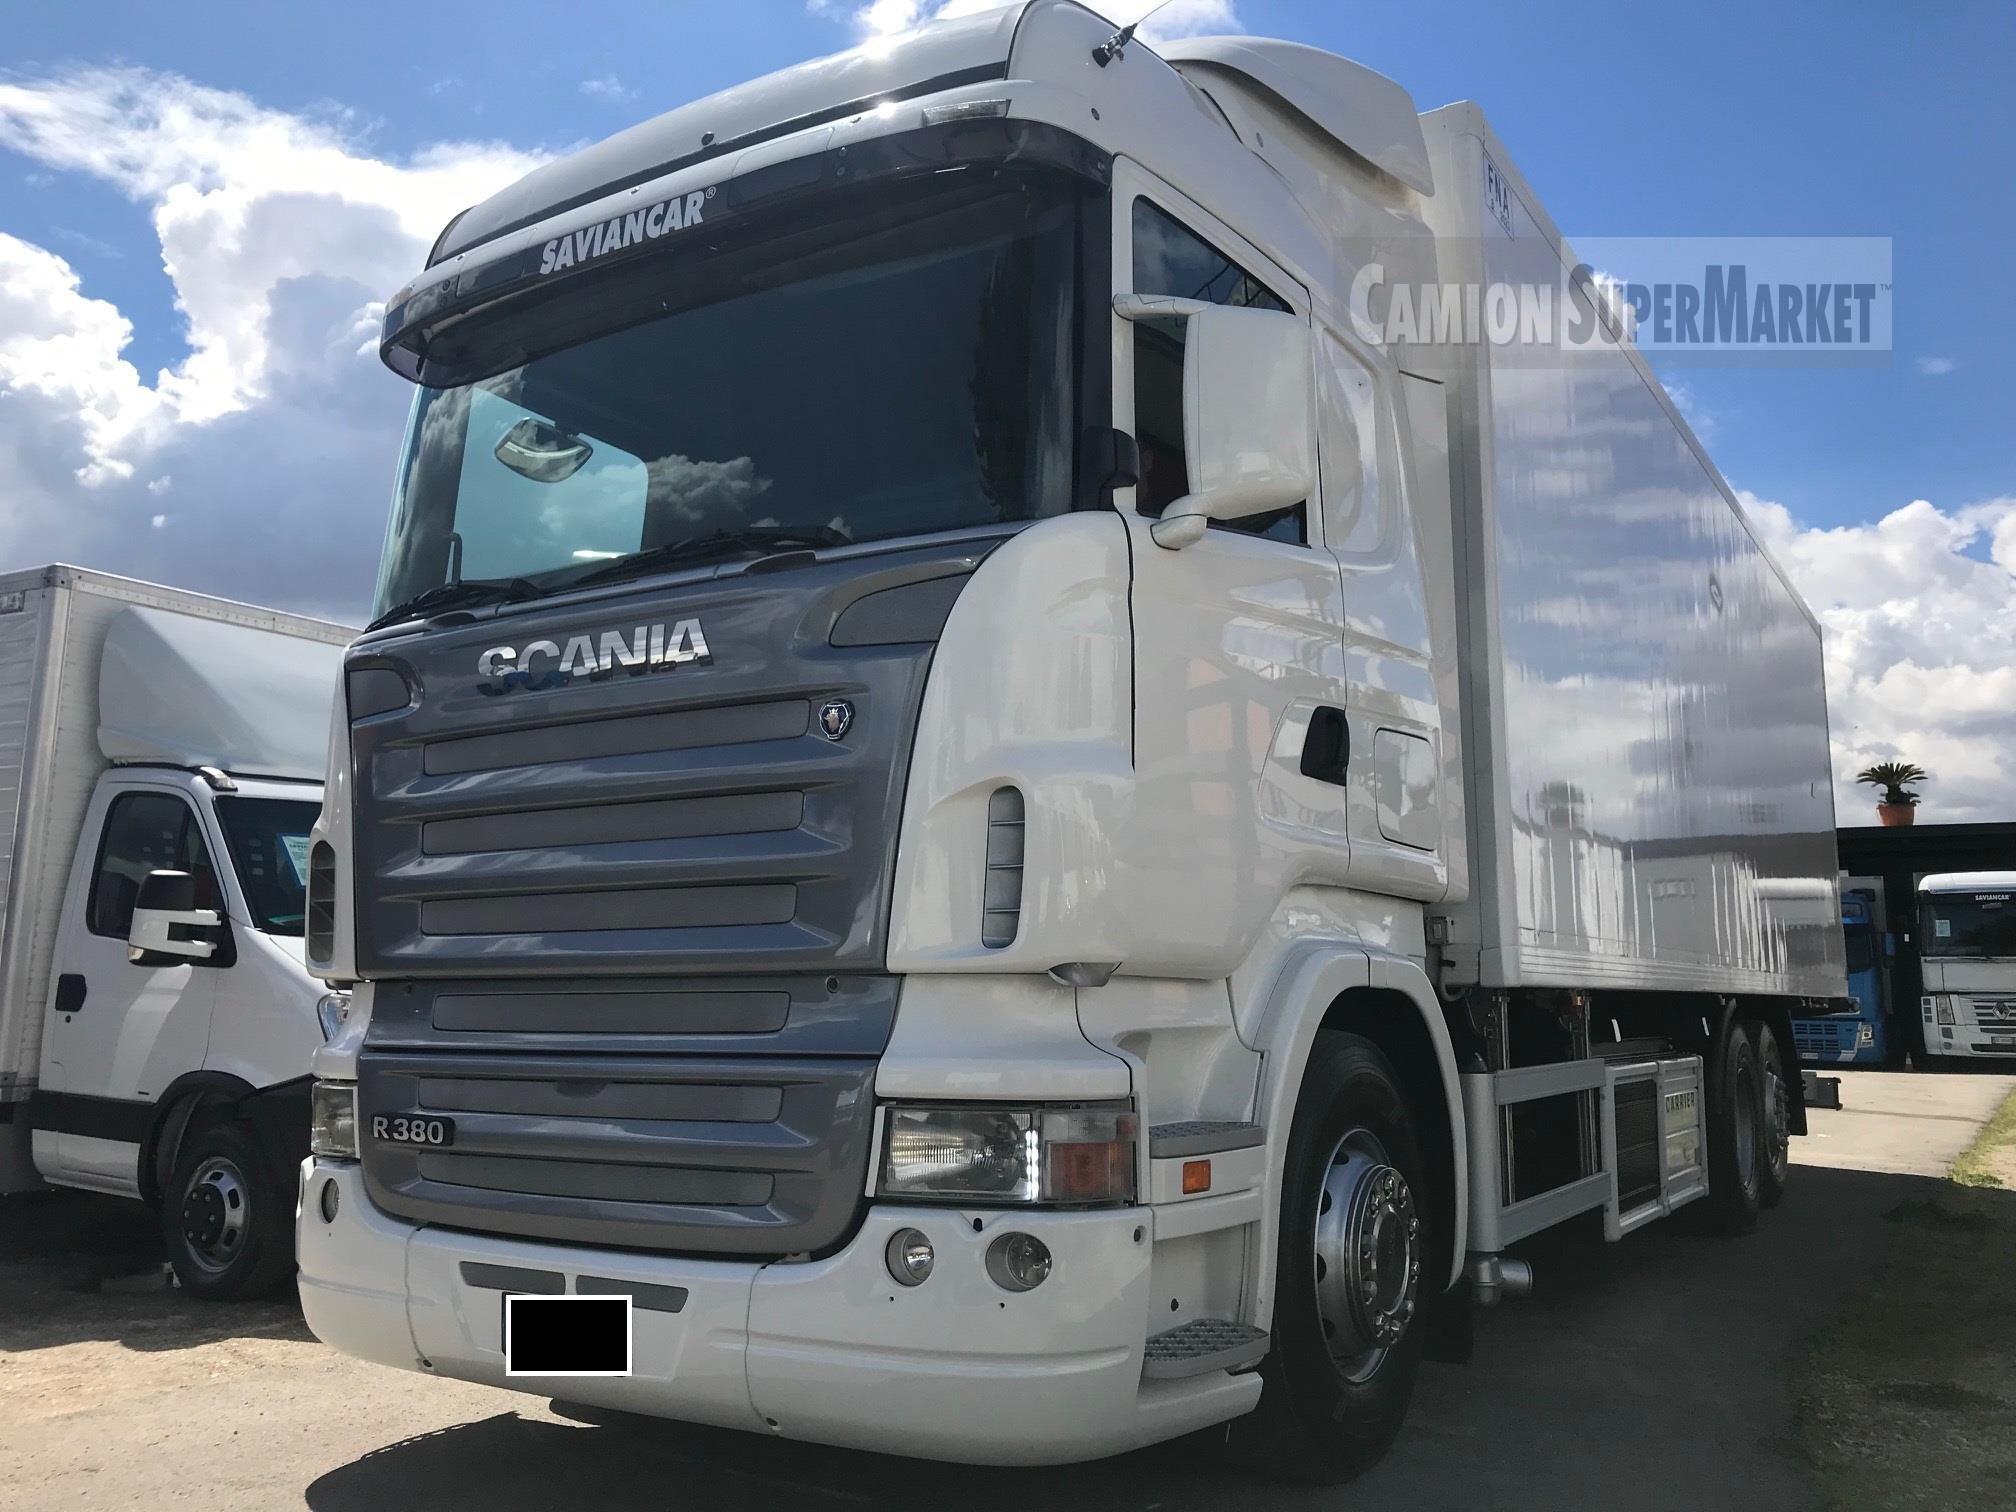 Scania R380 used 2005 Campania